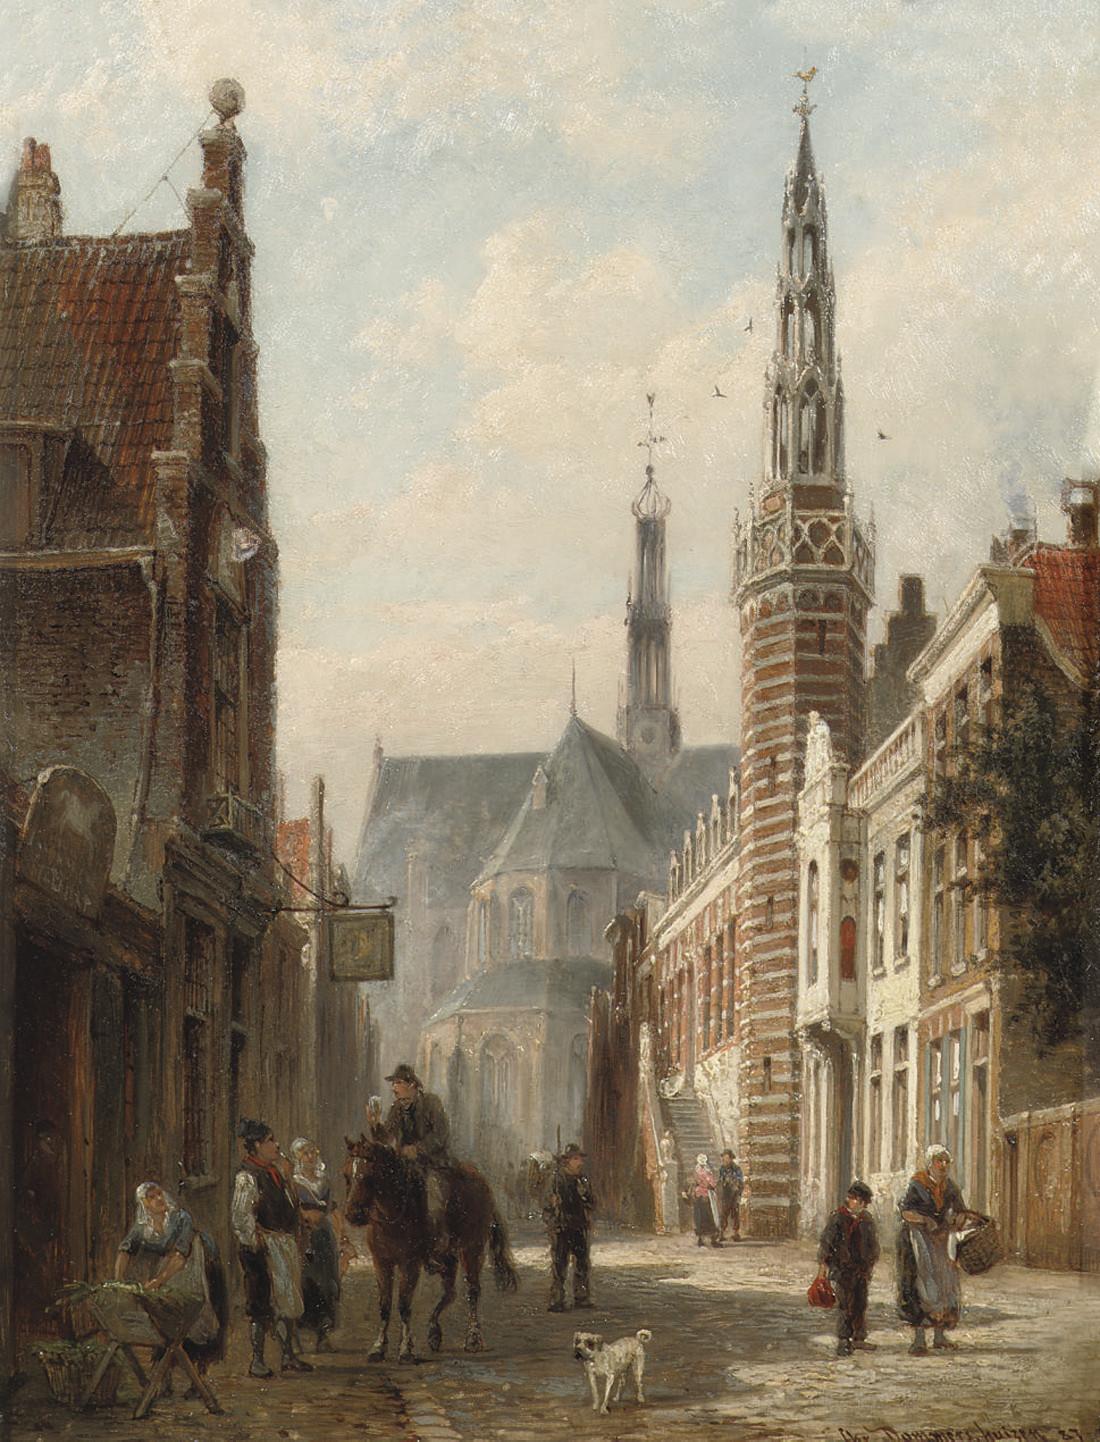 Hotel de Ville d'Alkmaar, La Hollande: the Langestraat with the townhall and the St Laurens church, Alkmaar